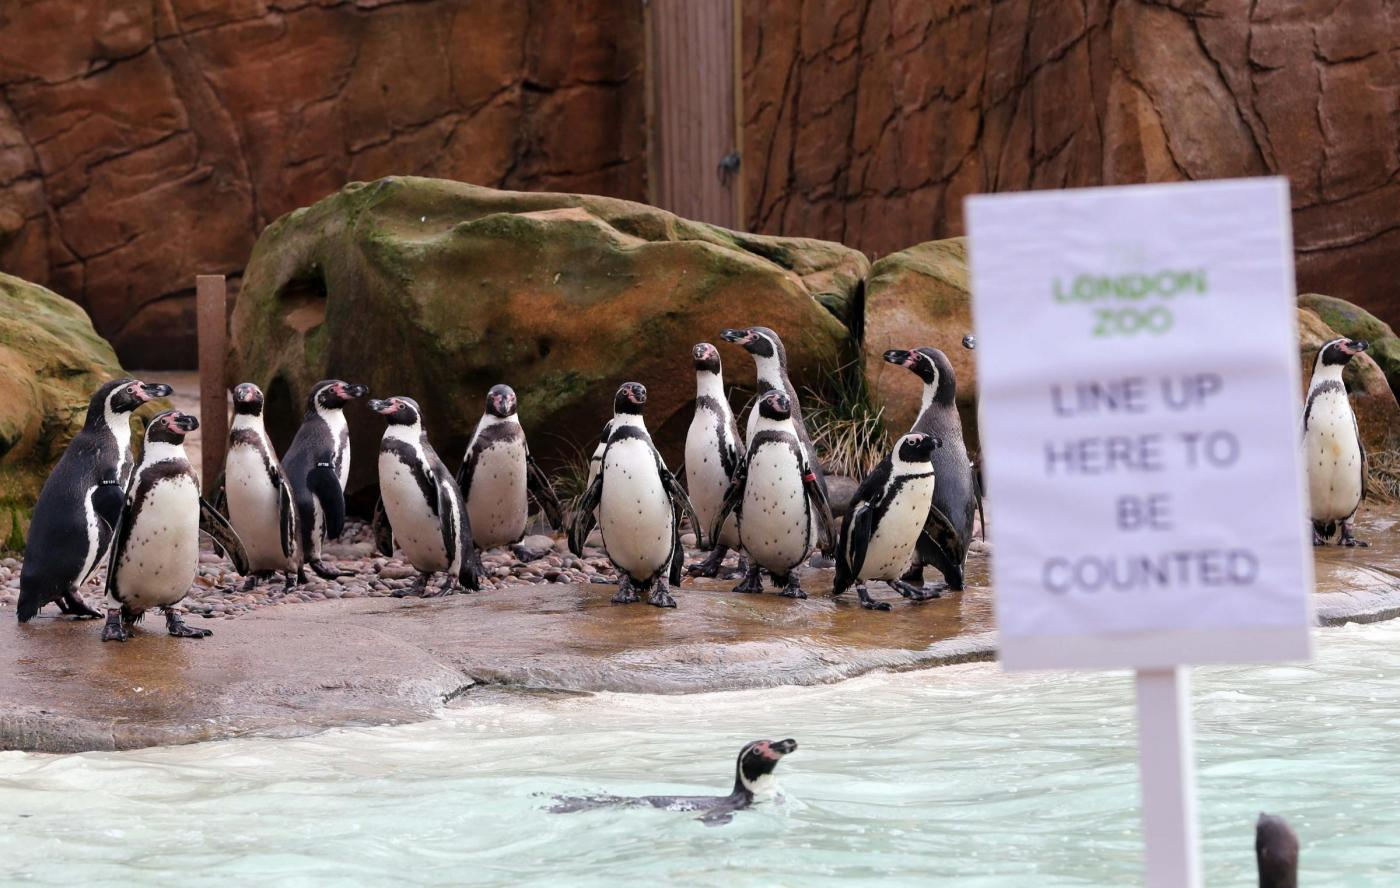 Annuale inventario allo Zoo di Londra01